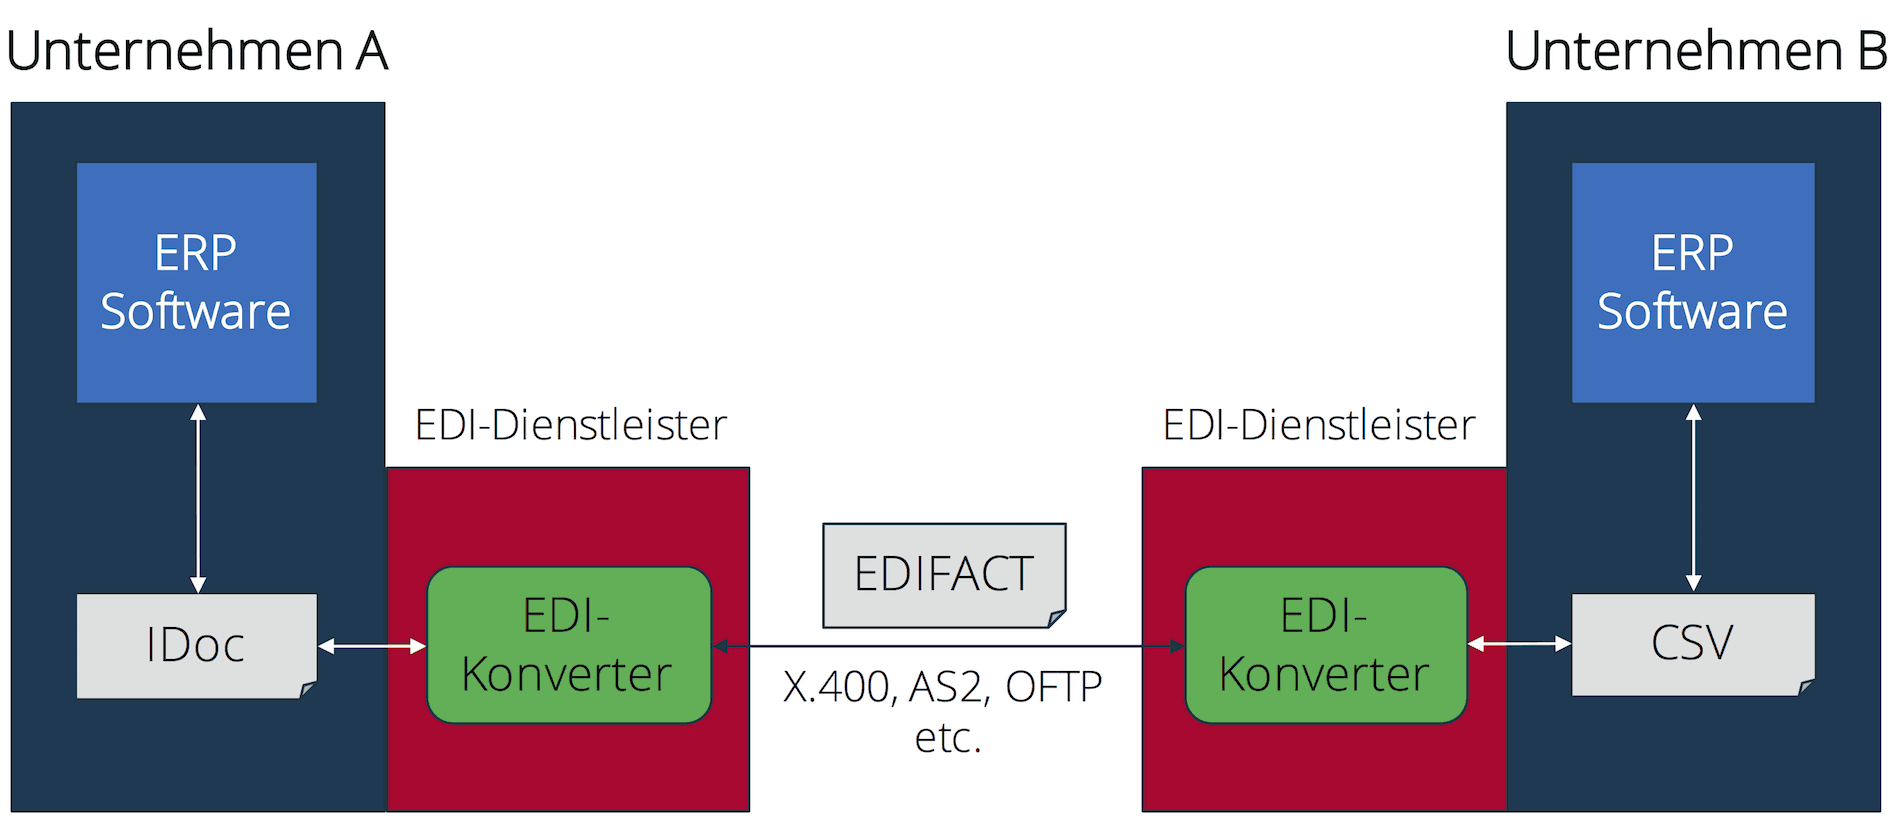 Unternehmen mit EDI-Dienstleister